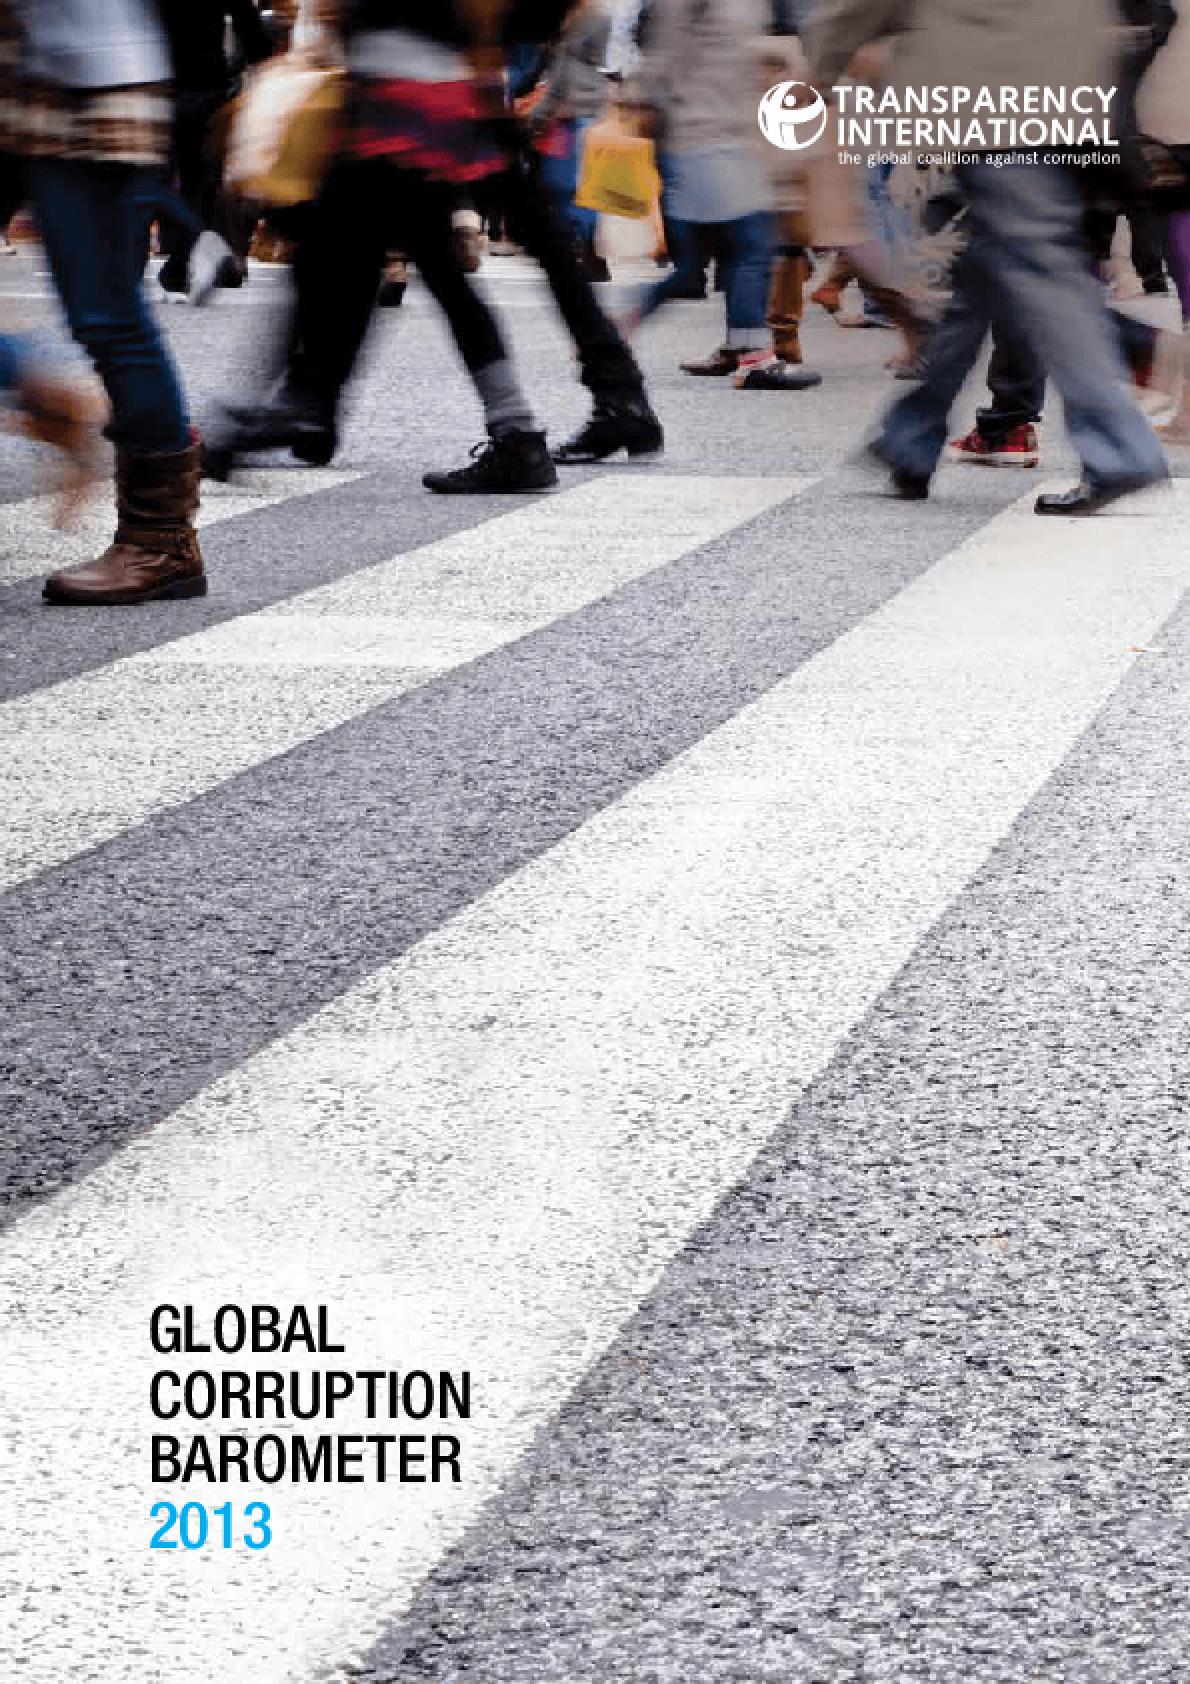 Global Corruption Barometer 2013